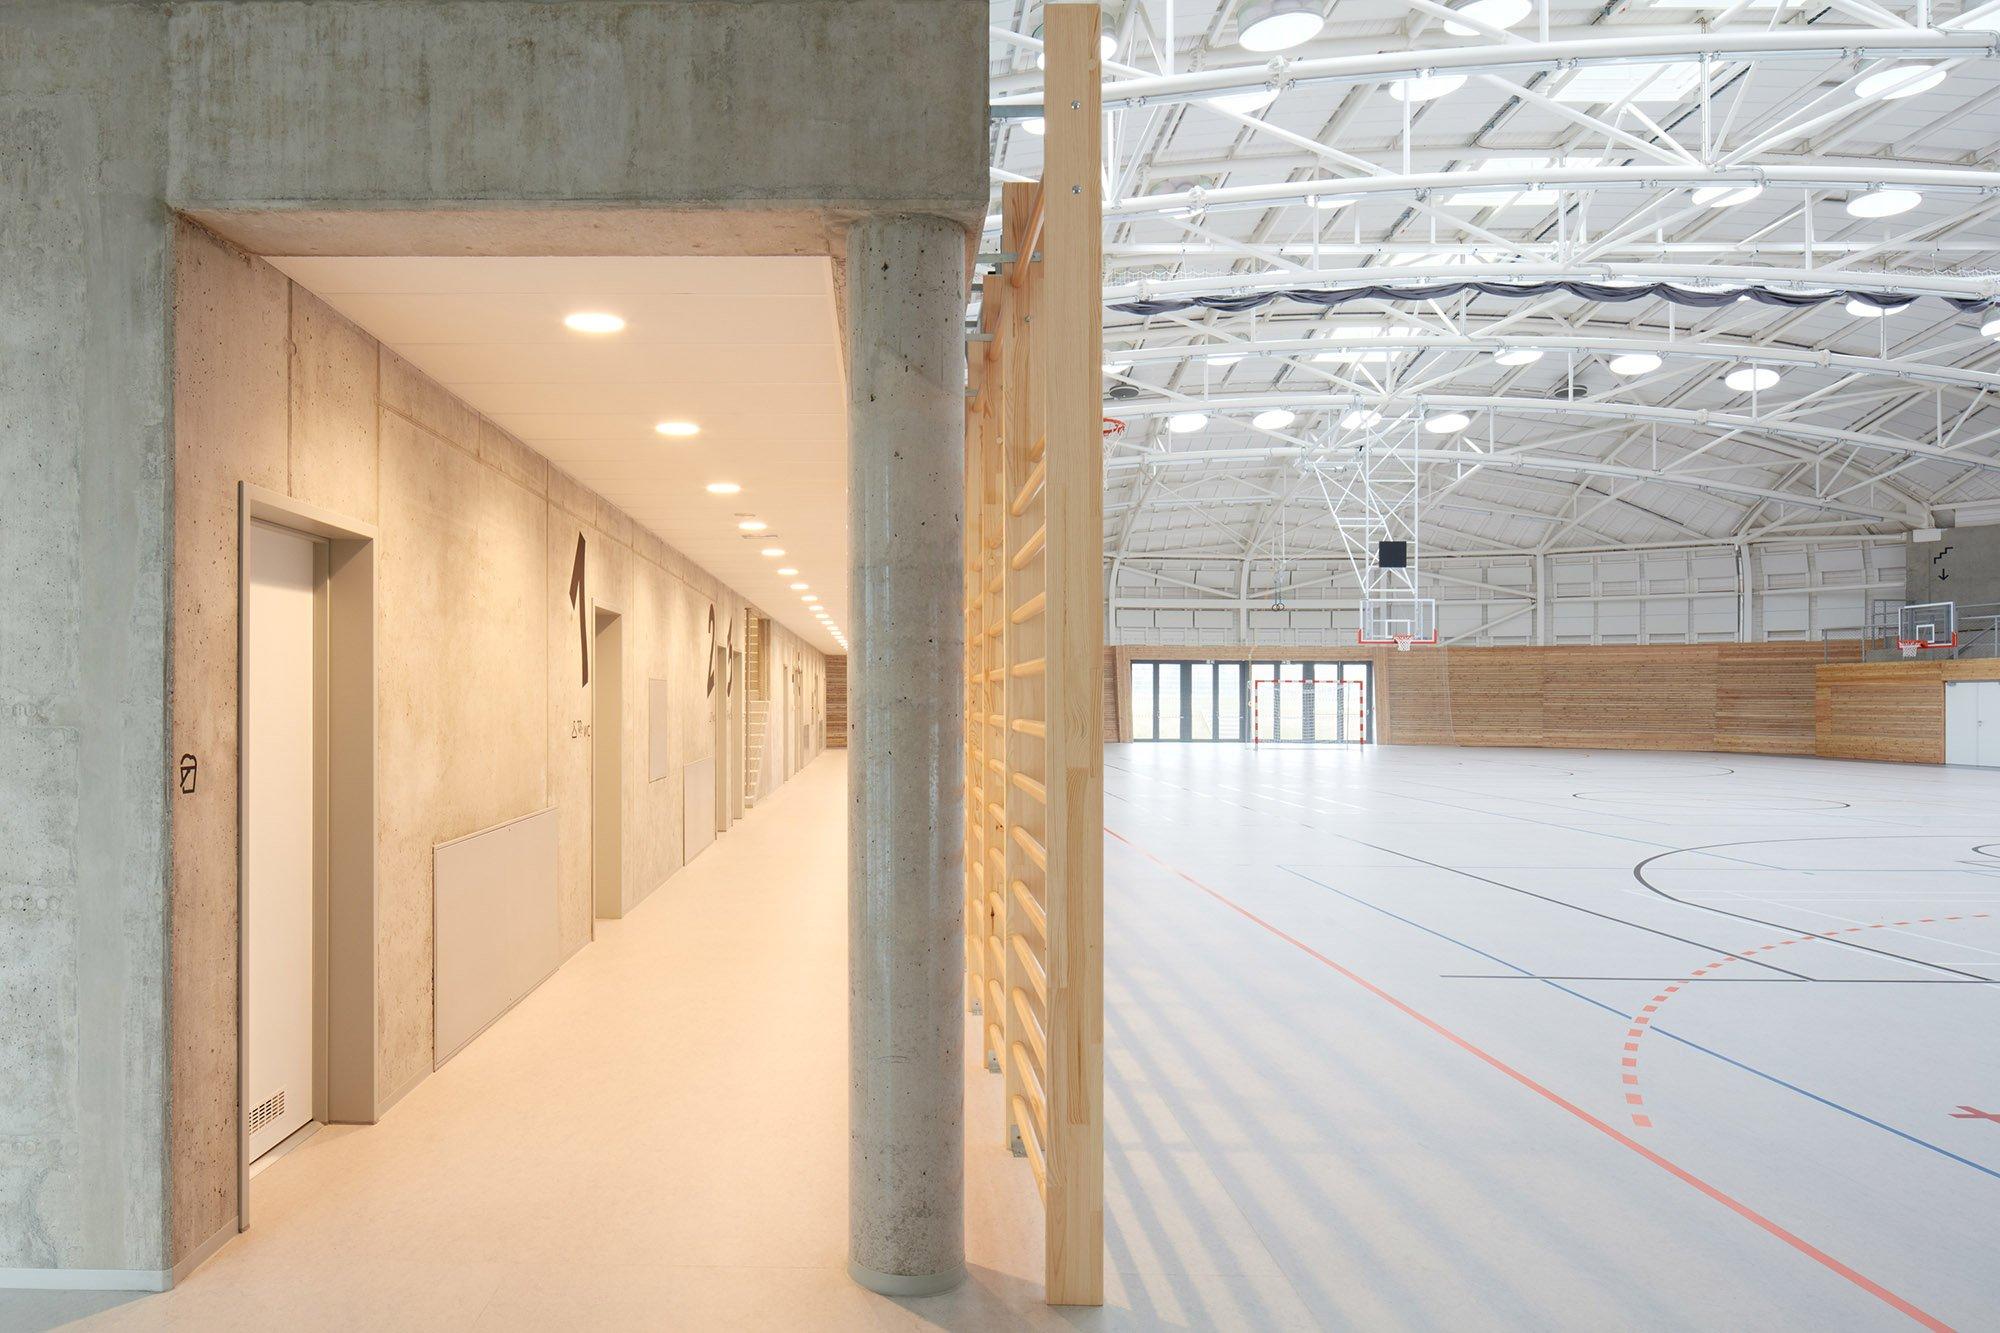 iGNANT-Architecture-Sporadical-Sportovní-Hala-Dolní-Břežany-020